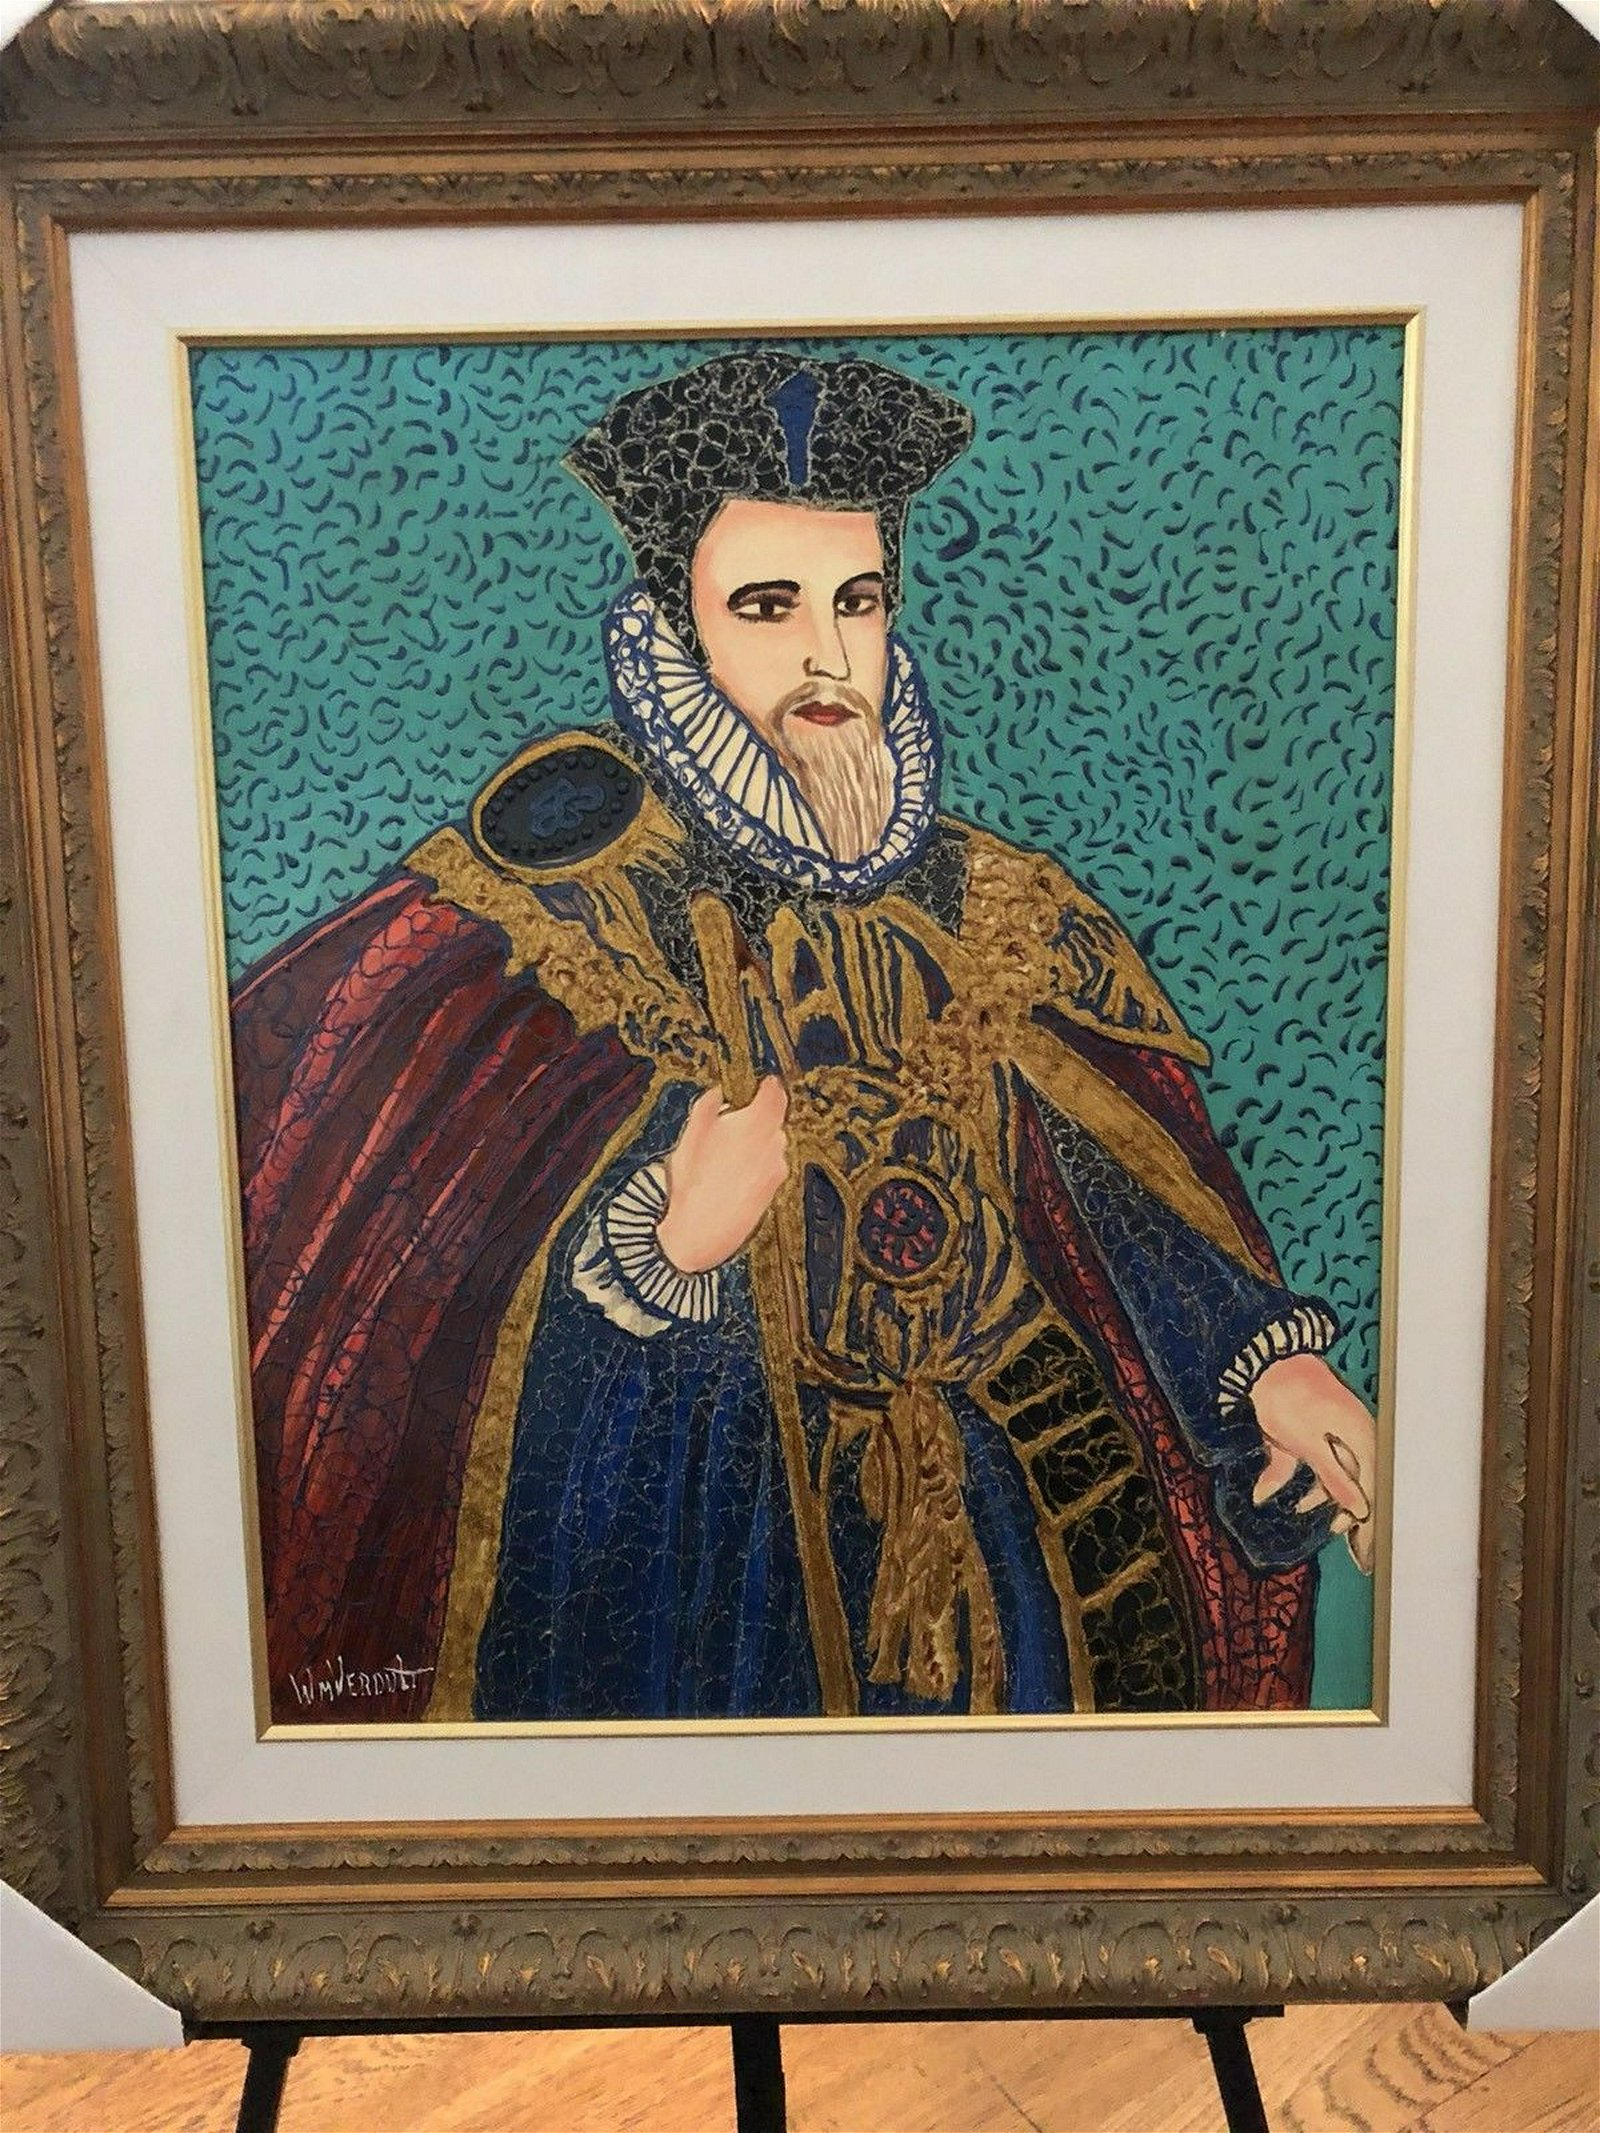 William Verdult - Sir William Cecil